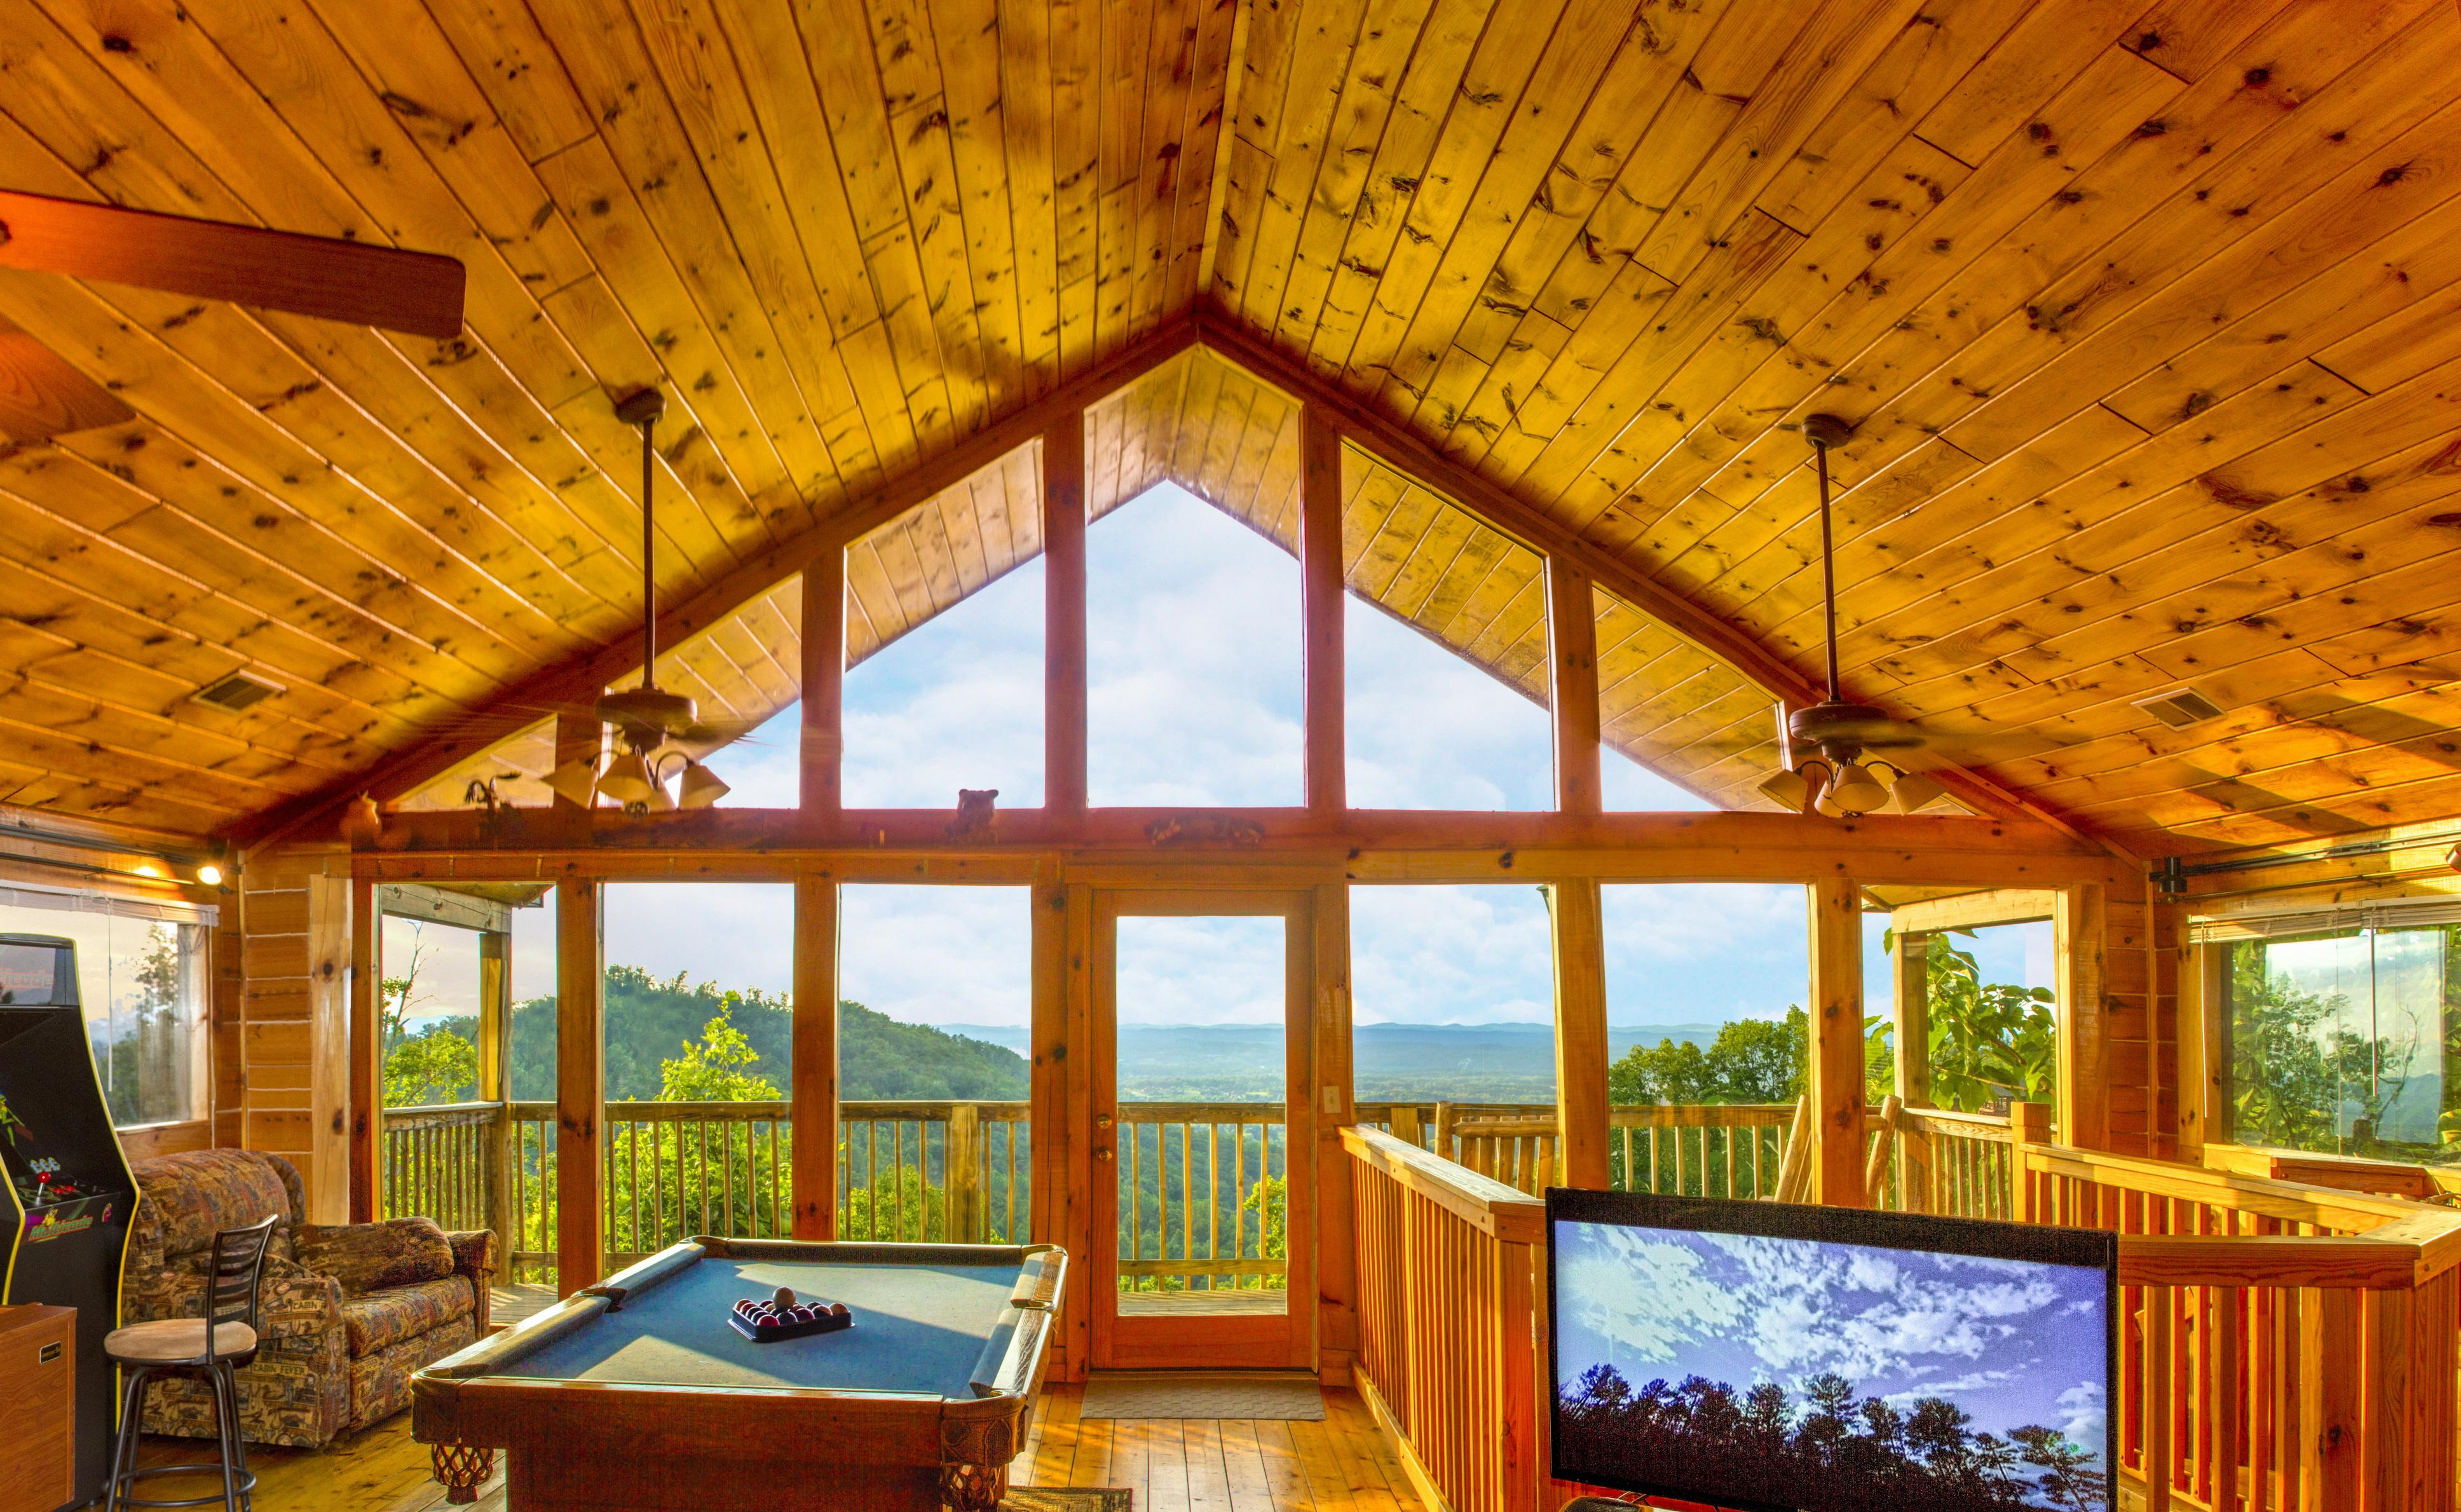 1 Bedroom Cabin Rental